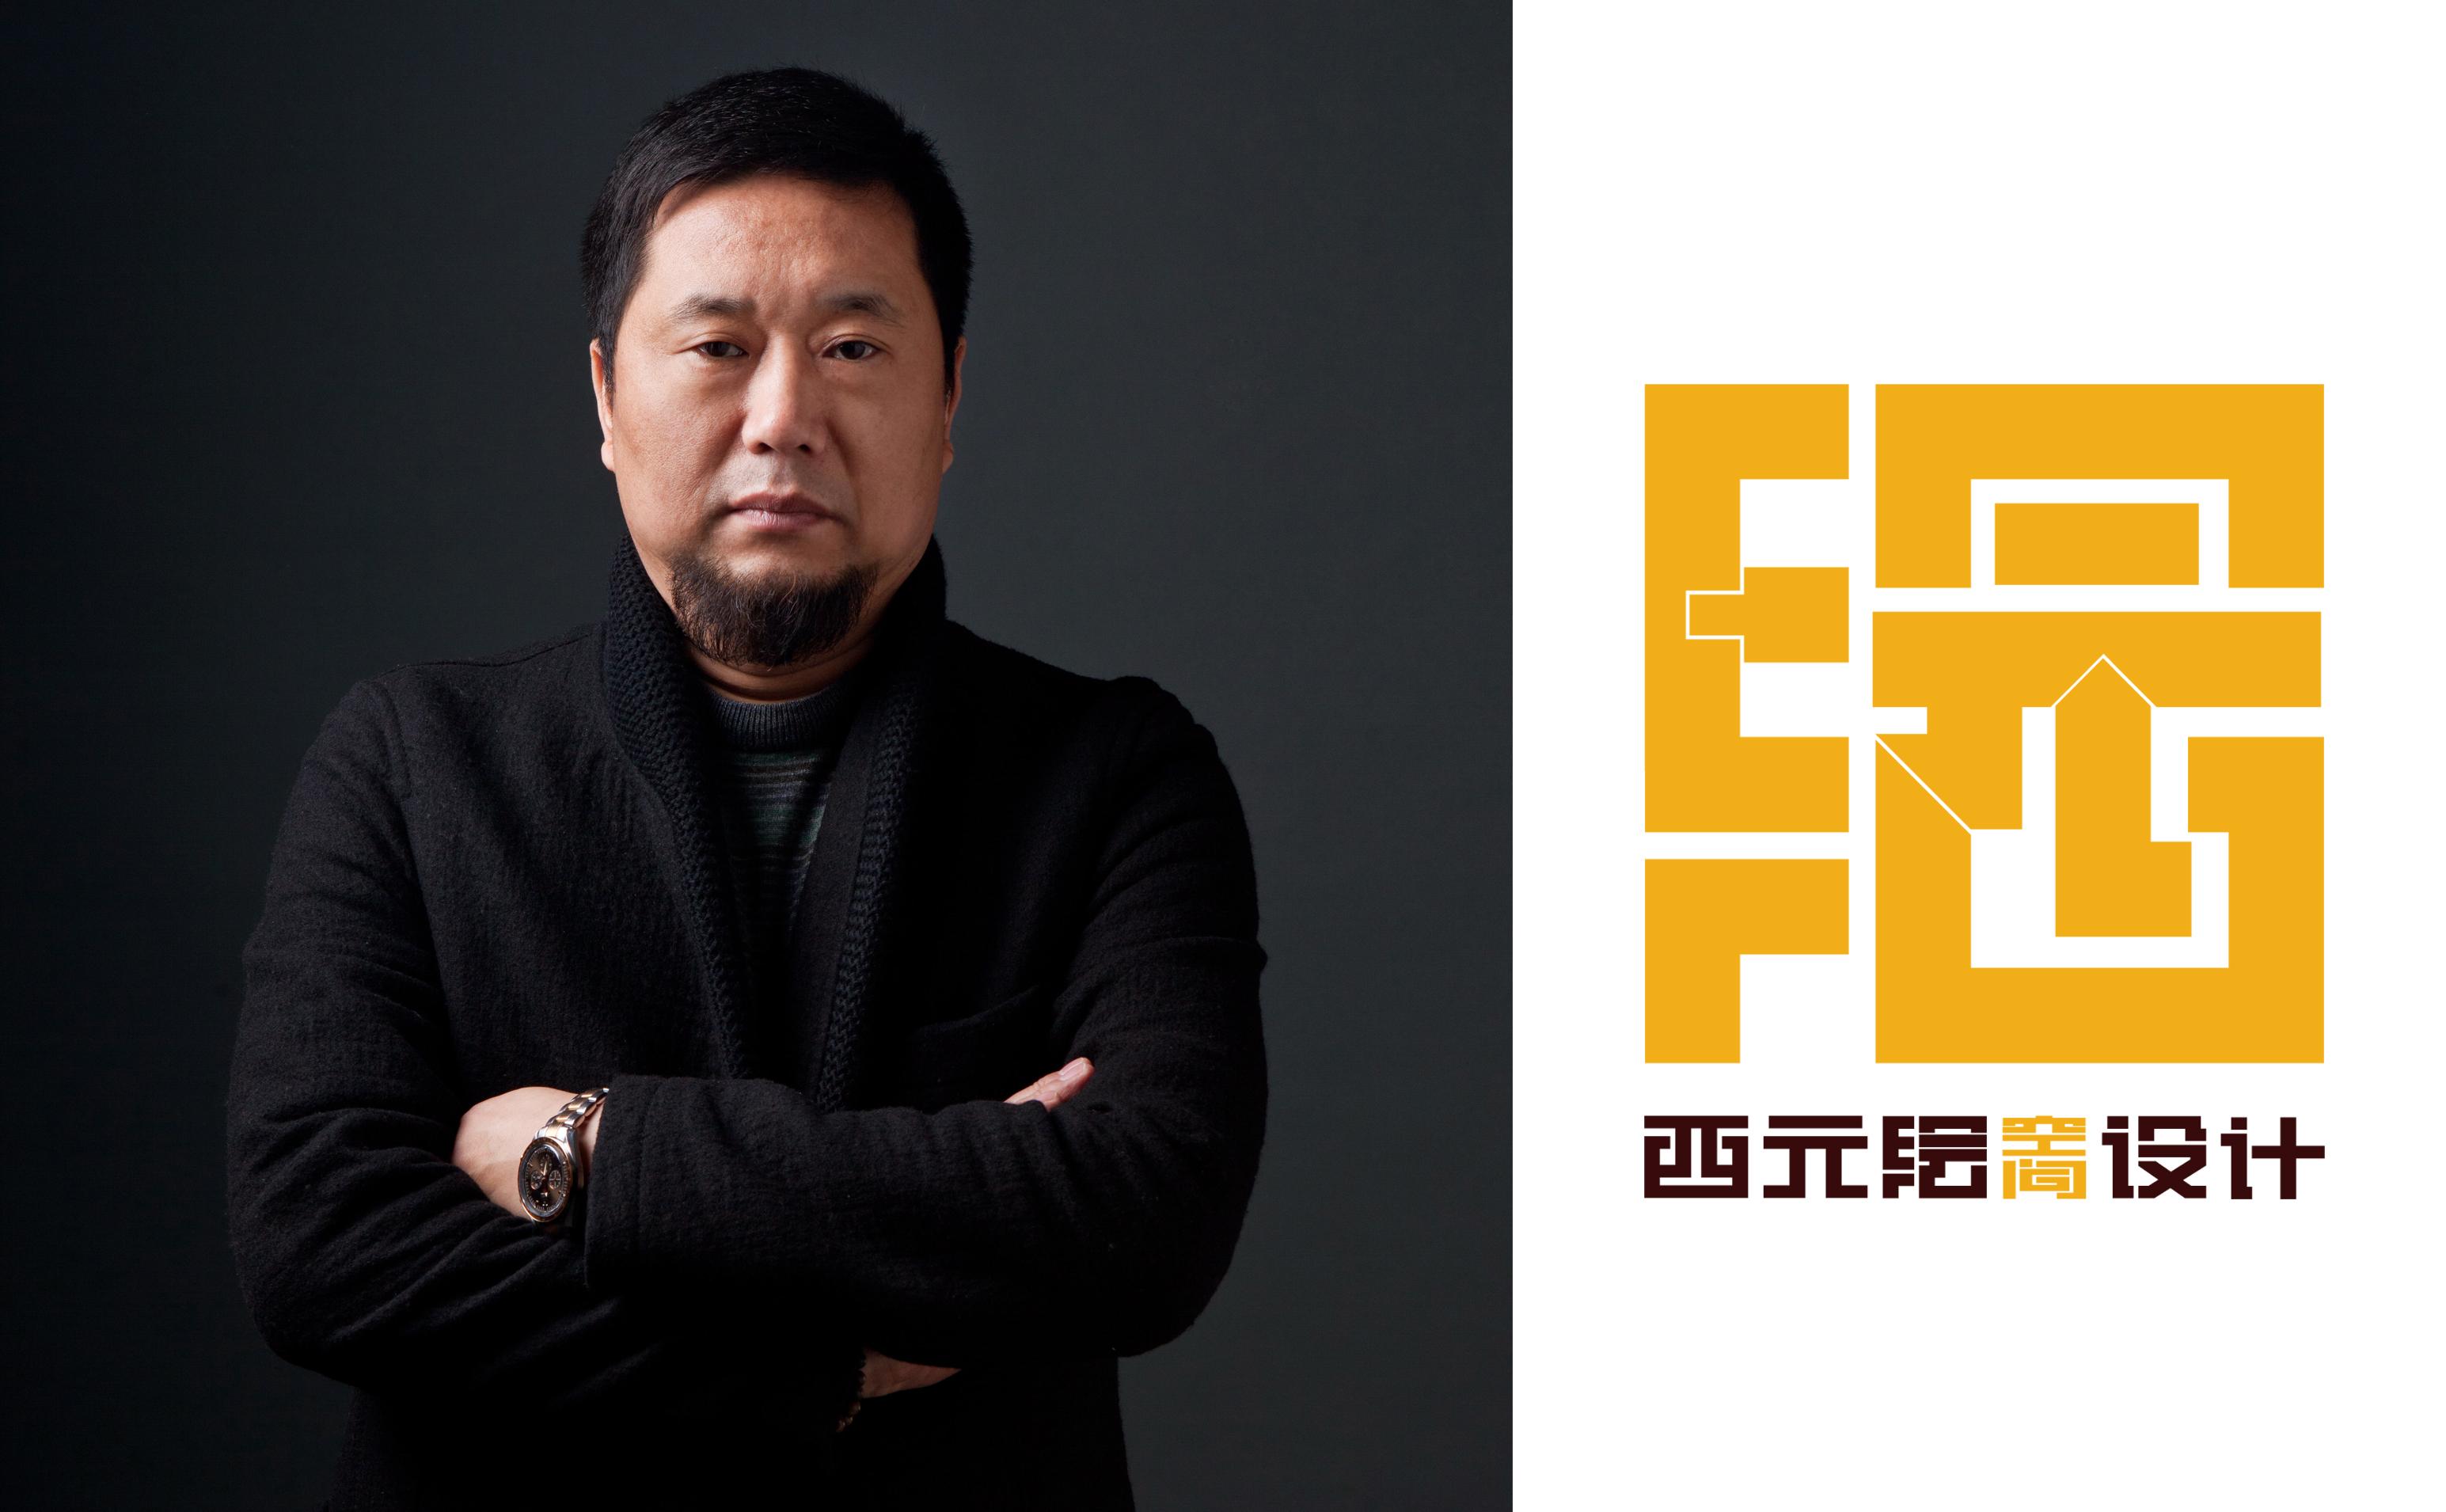 王本立的设计师家园:::王本立的设计师家园-中国建筑